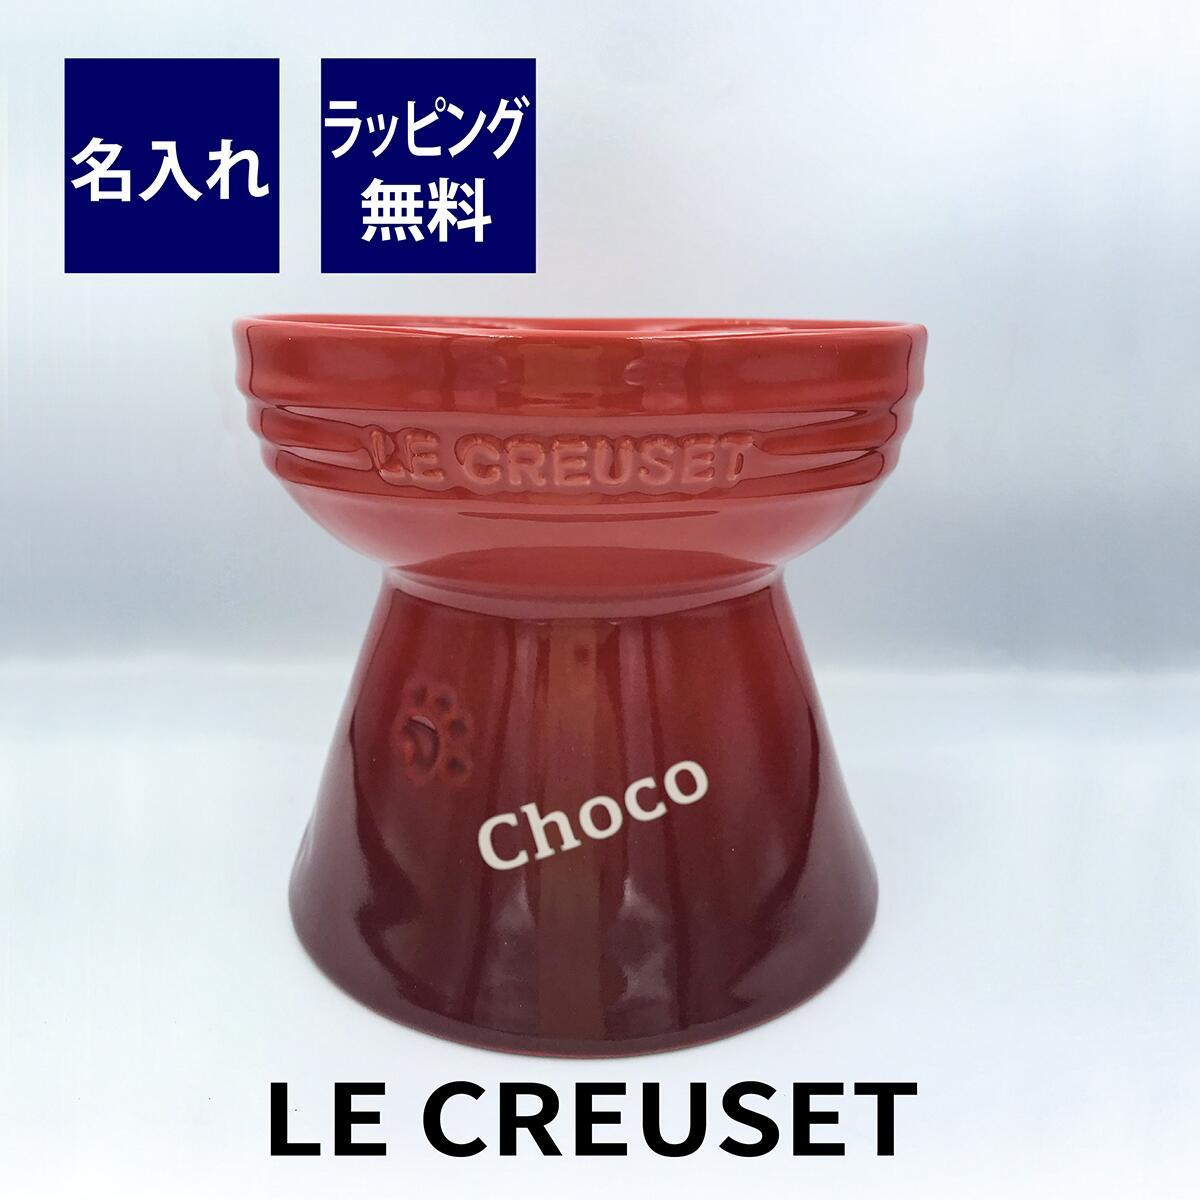 1925年に誕生したフランス生まれのブランド ル クルーゼ LE CREUSET 《週末限定タイムセール》 ハイスタンド ペットボウル 名入れ彫刻代込みペット ネコ 犬用食器 信用 ごはん皿 猫用食器 犬 記念日 名前